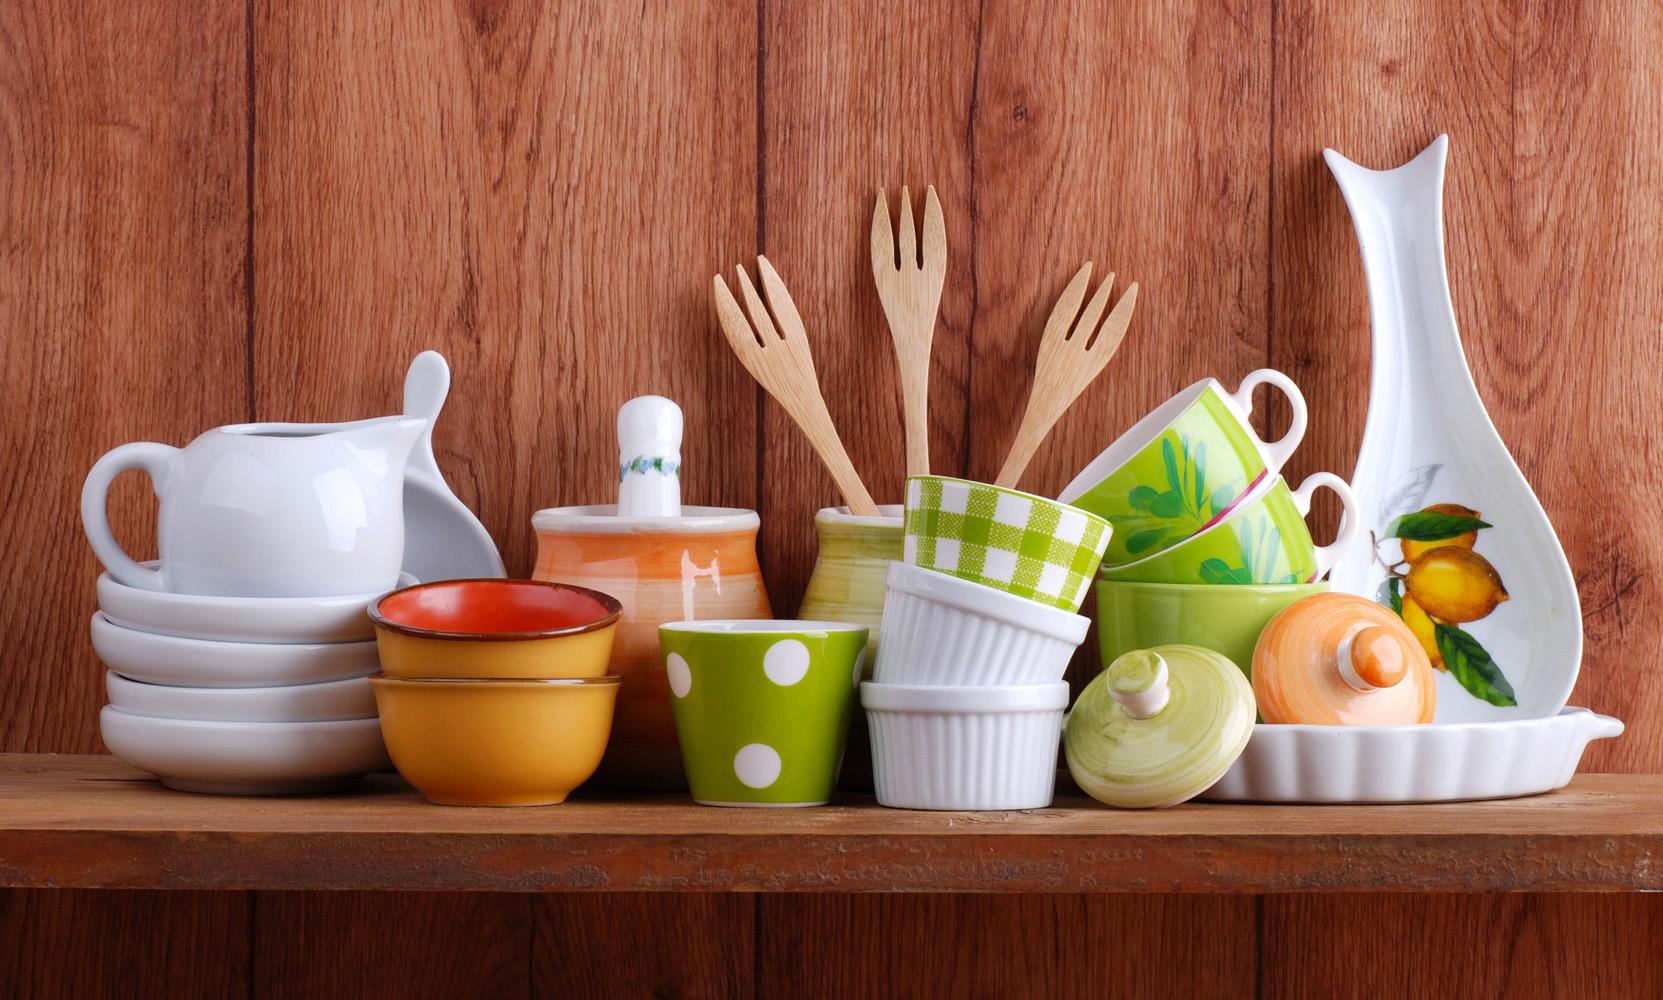 Utensilios de cocina y toxicidad i blog elena corrales for Utensilios de cocina artesanales